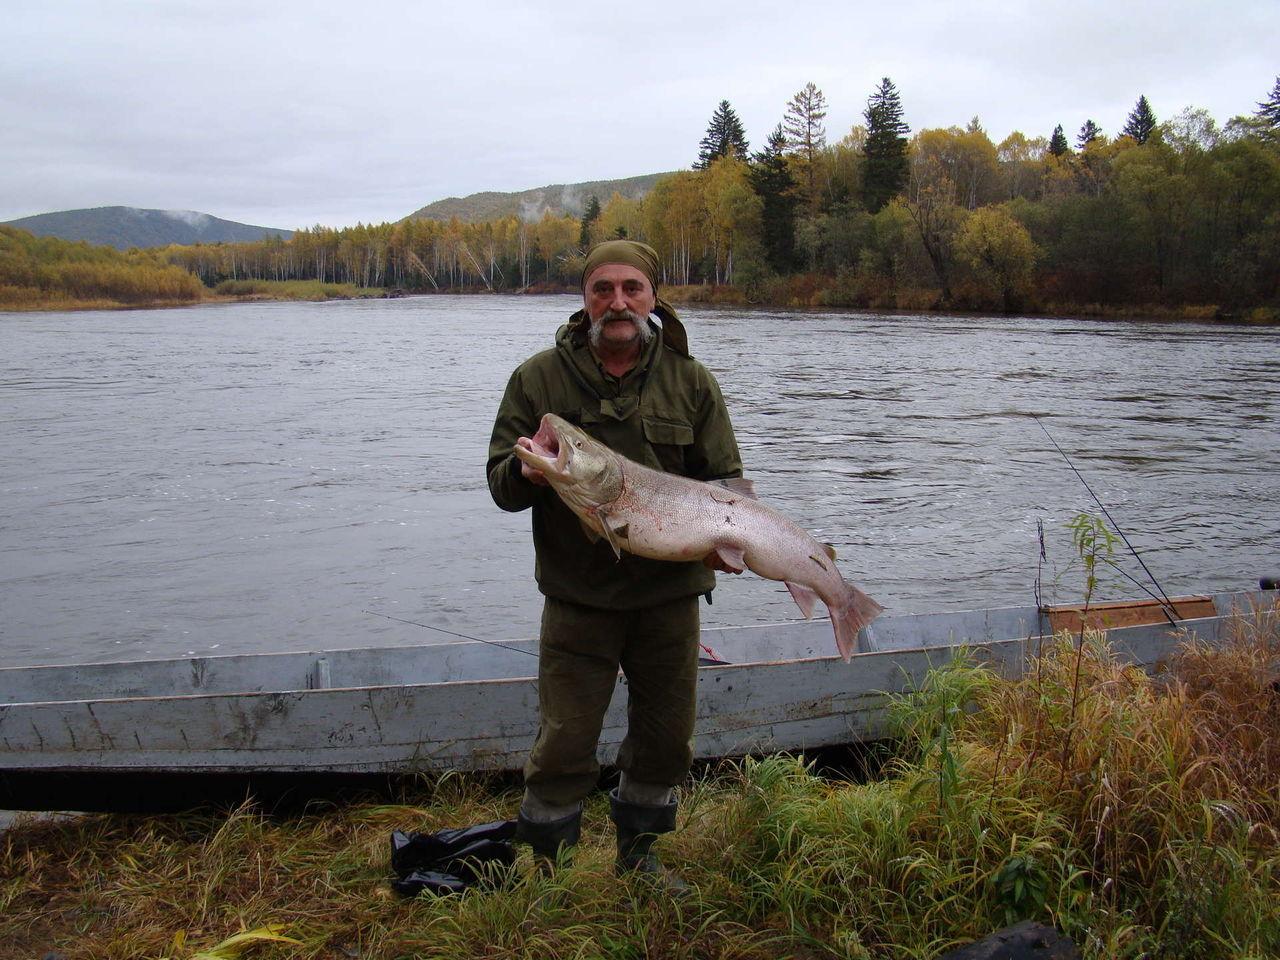 форумы о рыбалке дальний восток